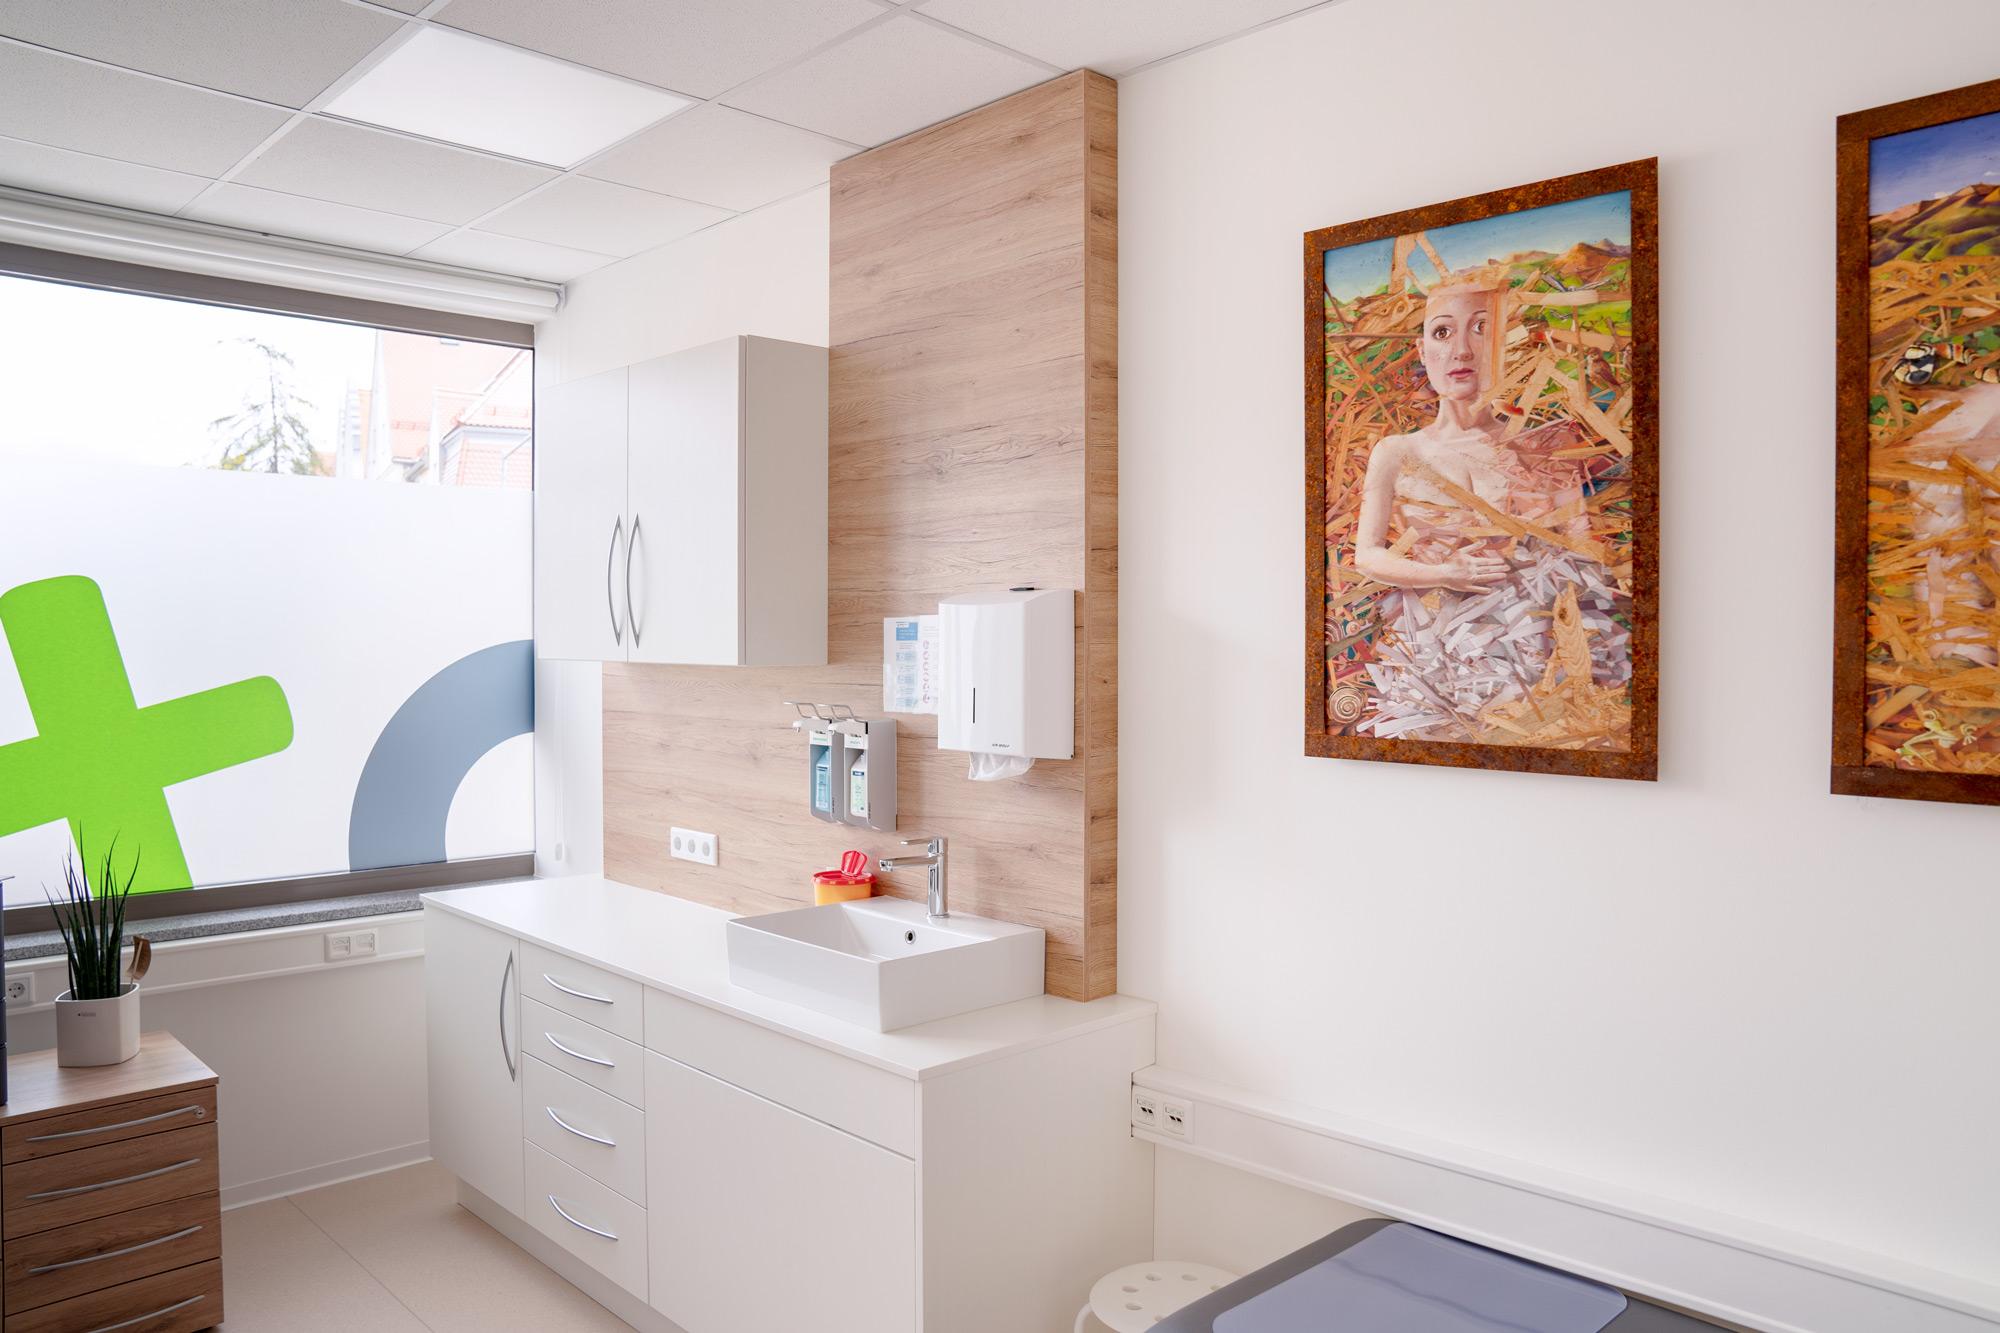 Foto Untersuchungsraum Hausarzt Praxis Ingolstadt Lindwurm + Spaeth Hausarzt:in